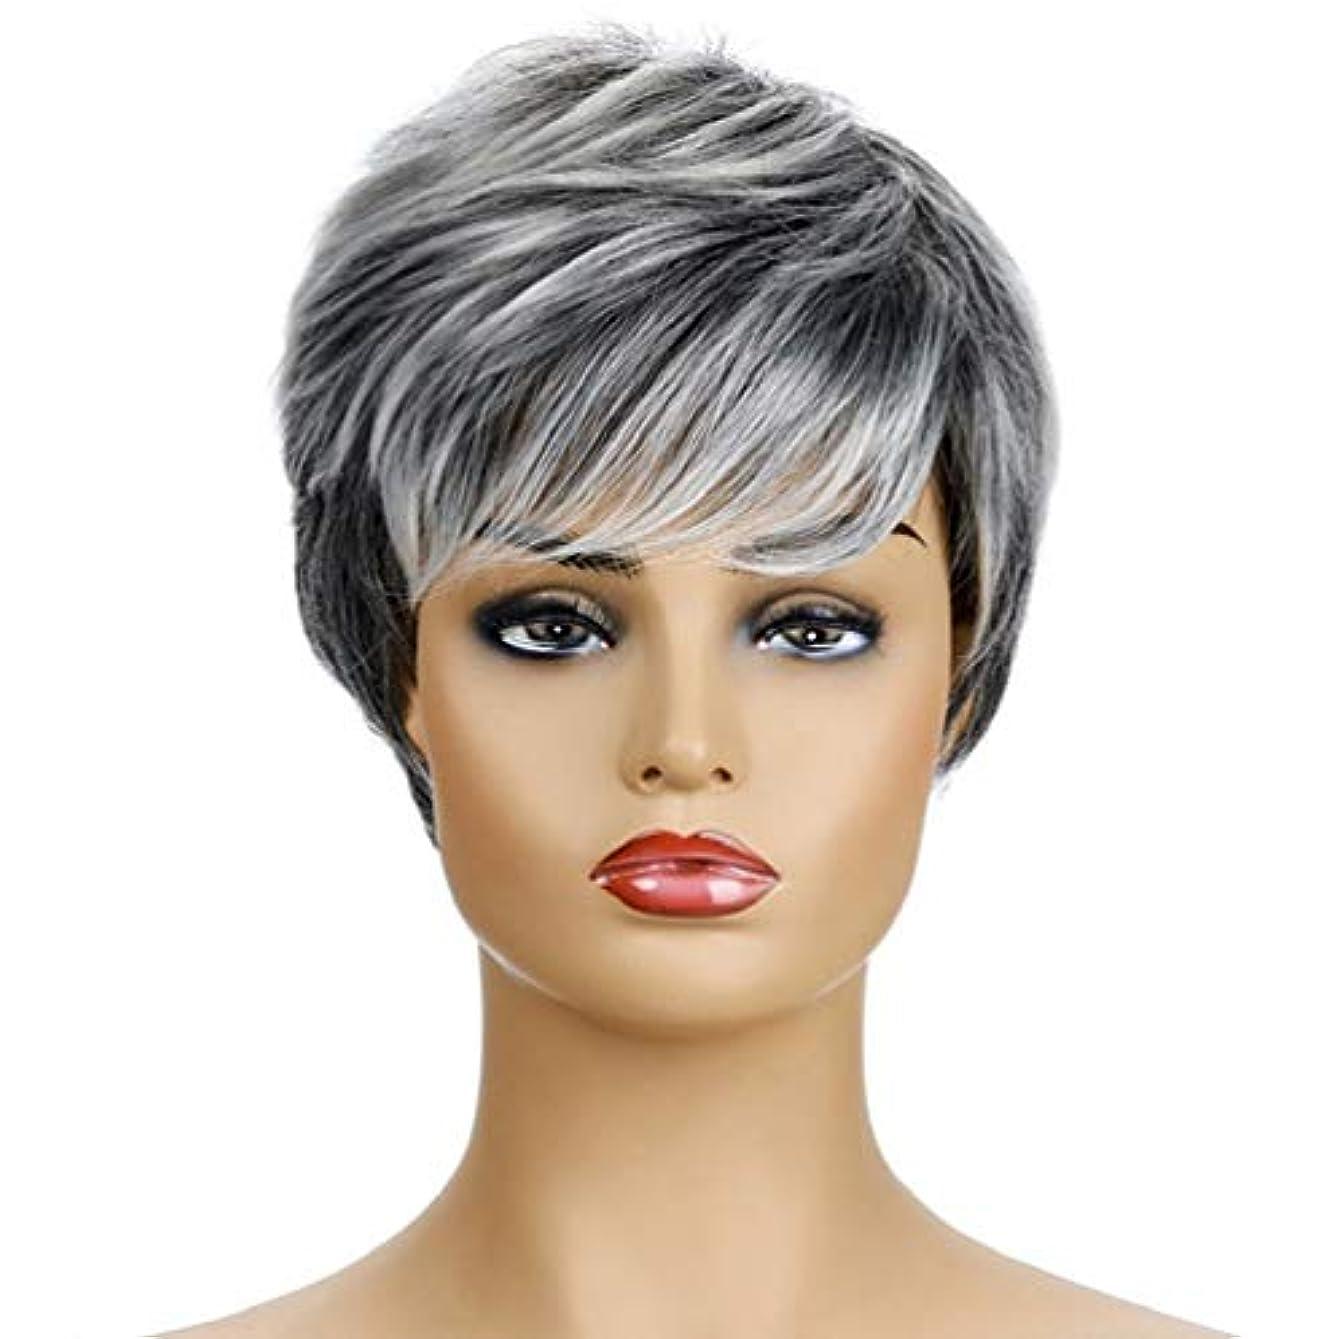 無唯一いじめっ子女性150%密度かつら合成耐熱ショートブラジル人毛ウィッグ黒グラデーショングレー25センチ